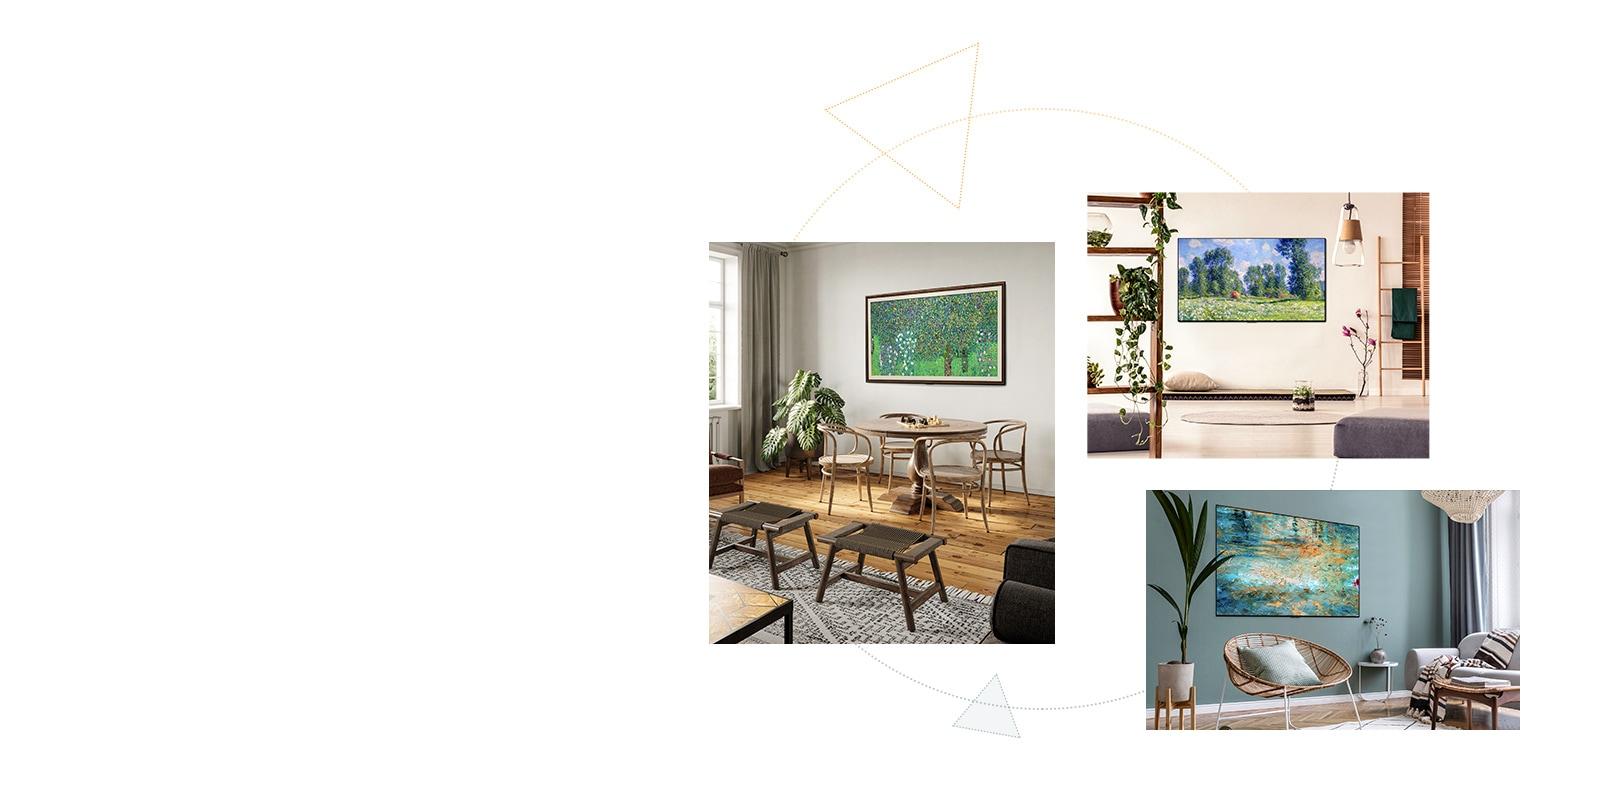 Ba TV Gallery Design có chân đế giống như các tác phẩm nghệ thuật ở bất kỳ nơi nào